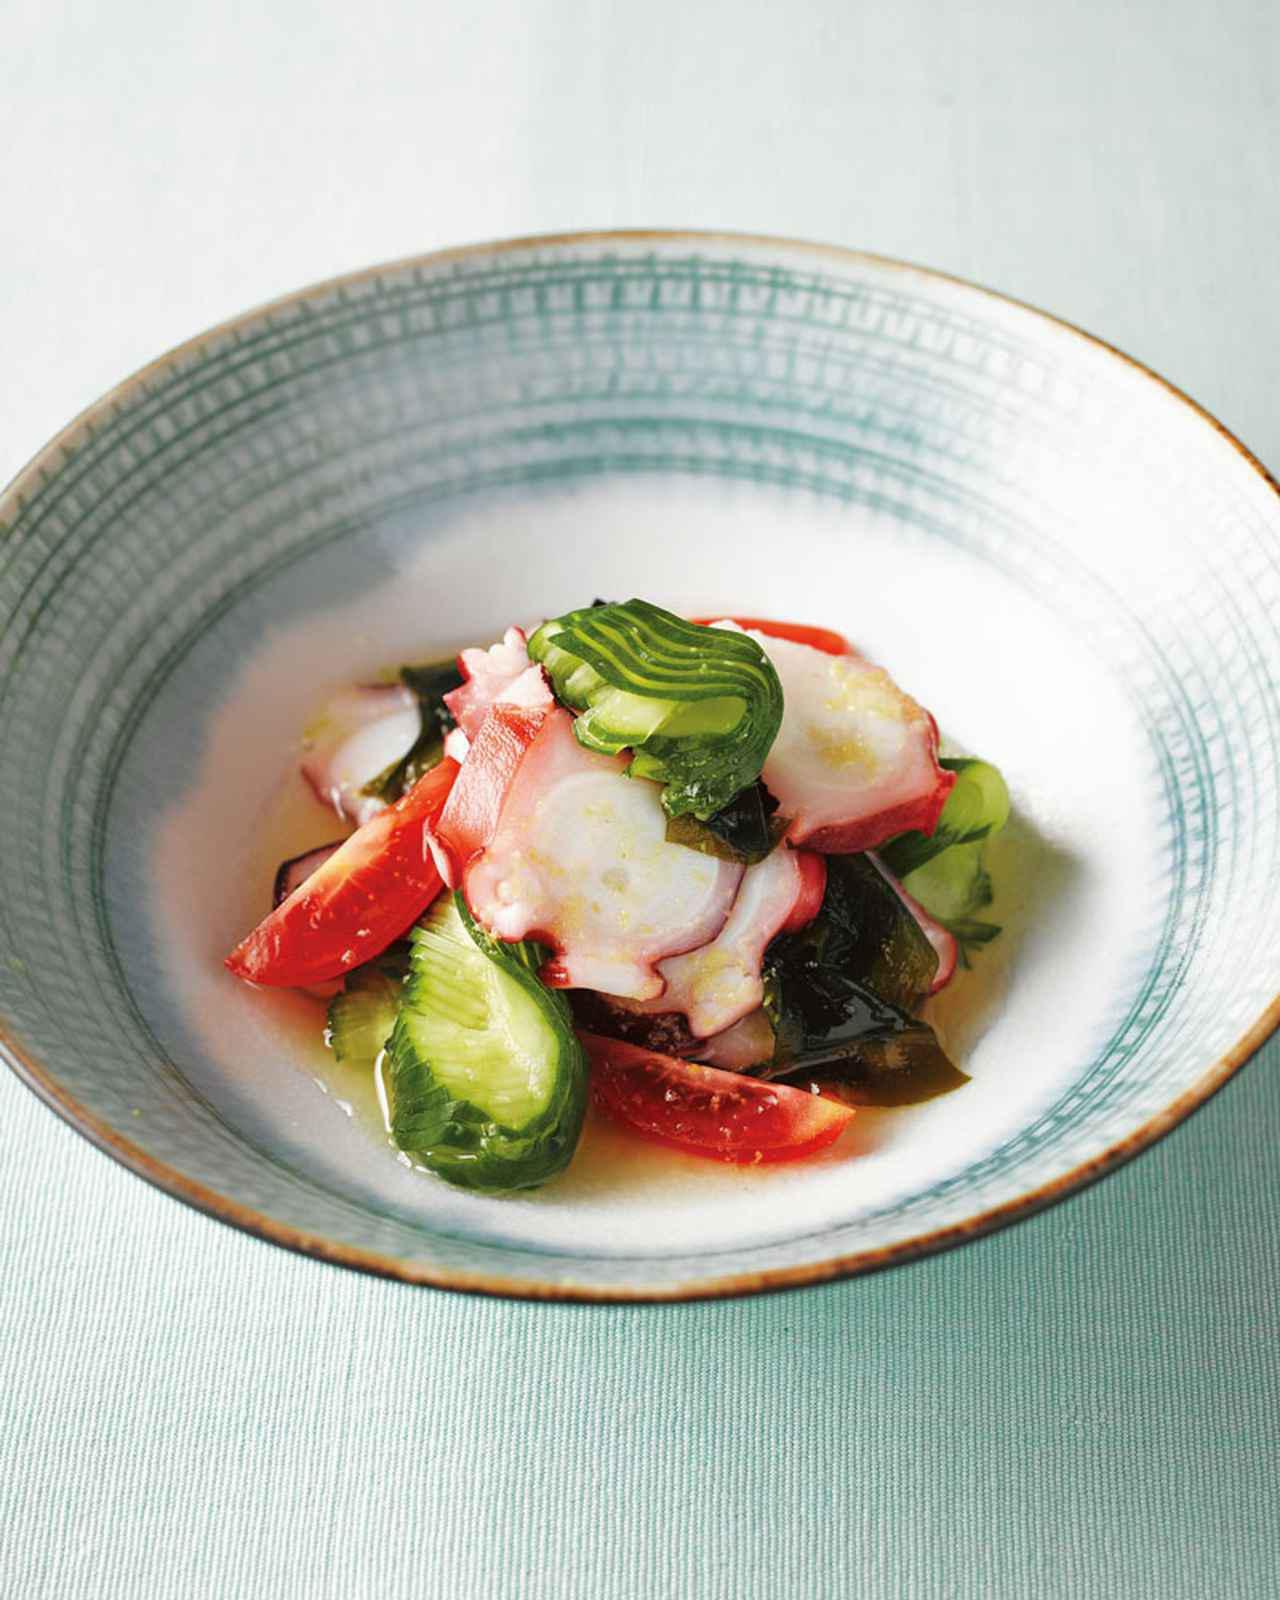 画像: 定番の酢のもの「たこときゅうりの三杯酢」のつくり方|季節の魚料理「たこ」